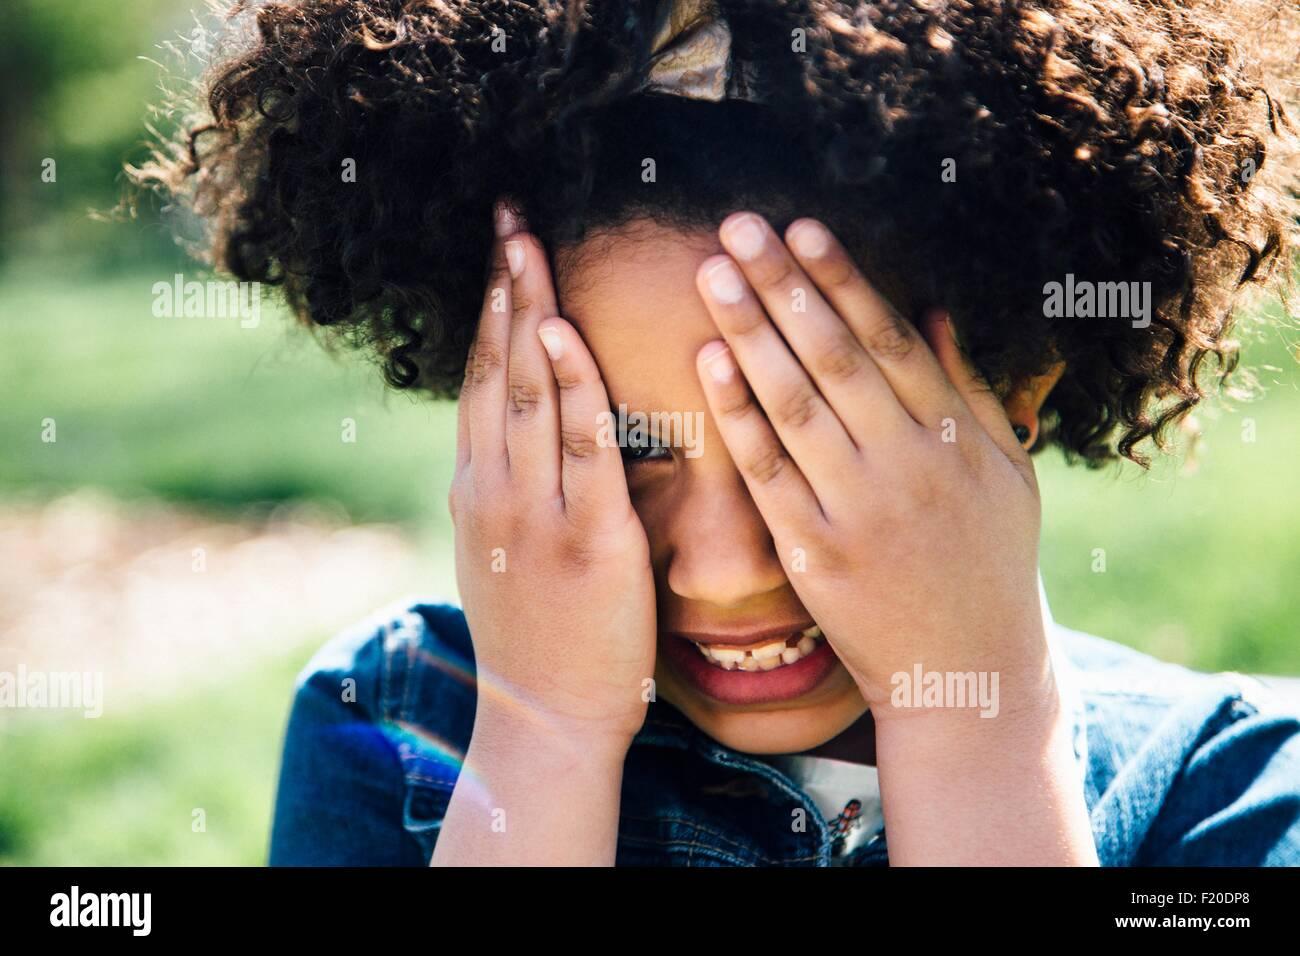 Porträt eines Mädchens für Gesicht mit den Händen hautnah Stockfoto